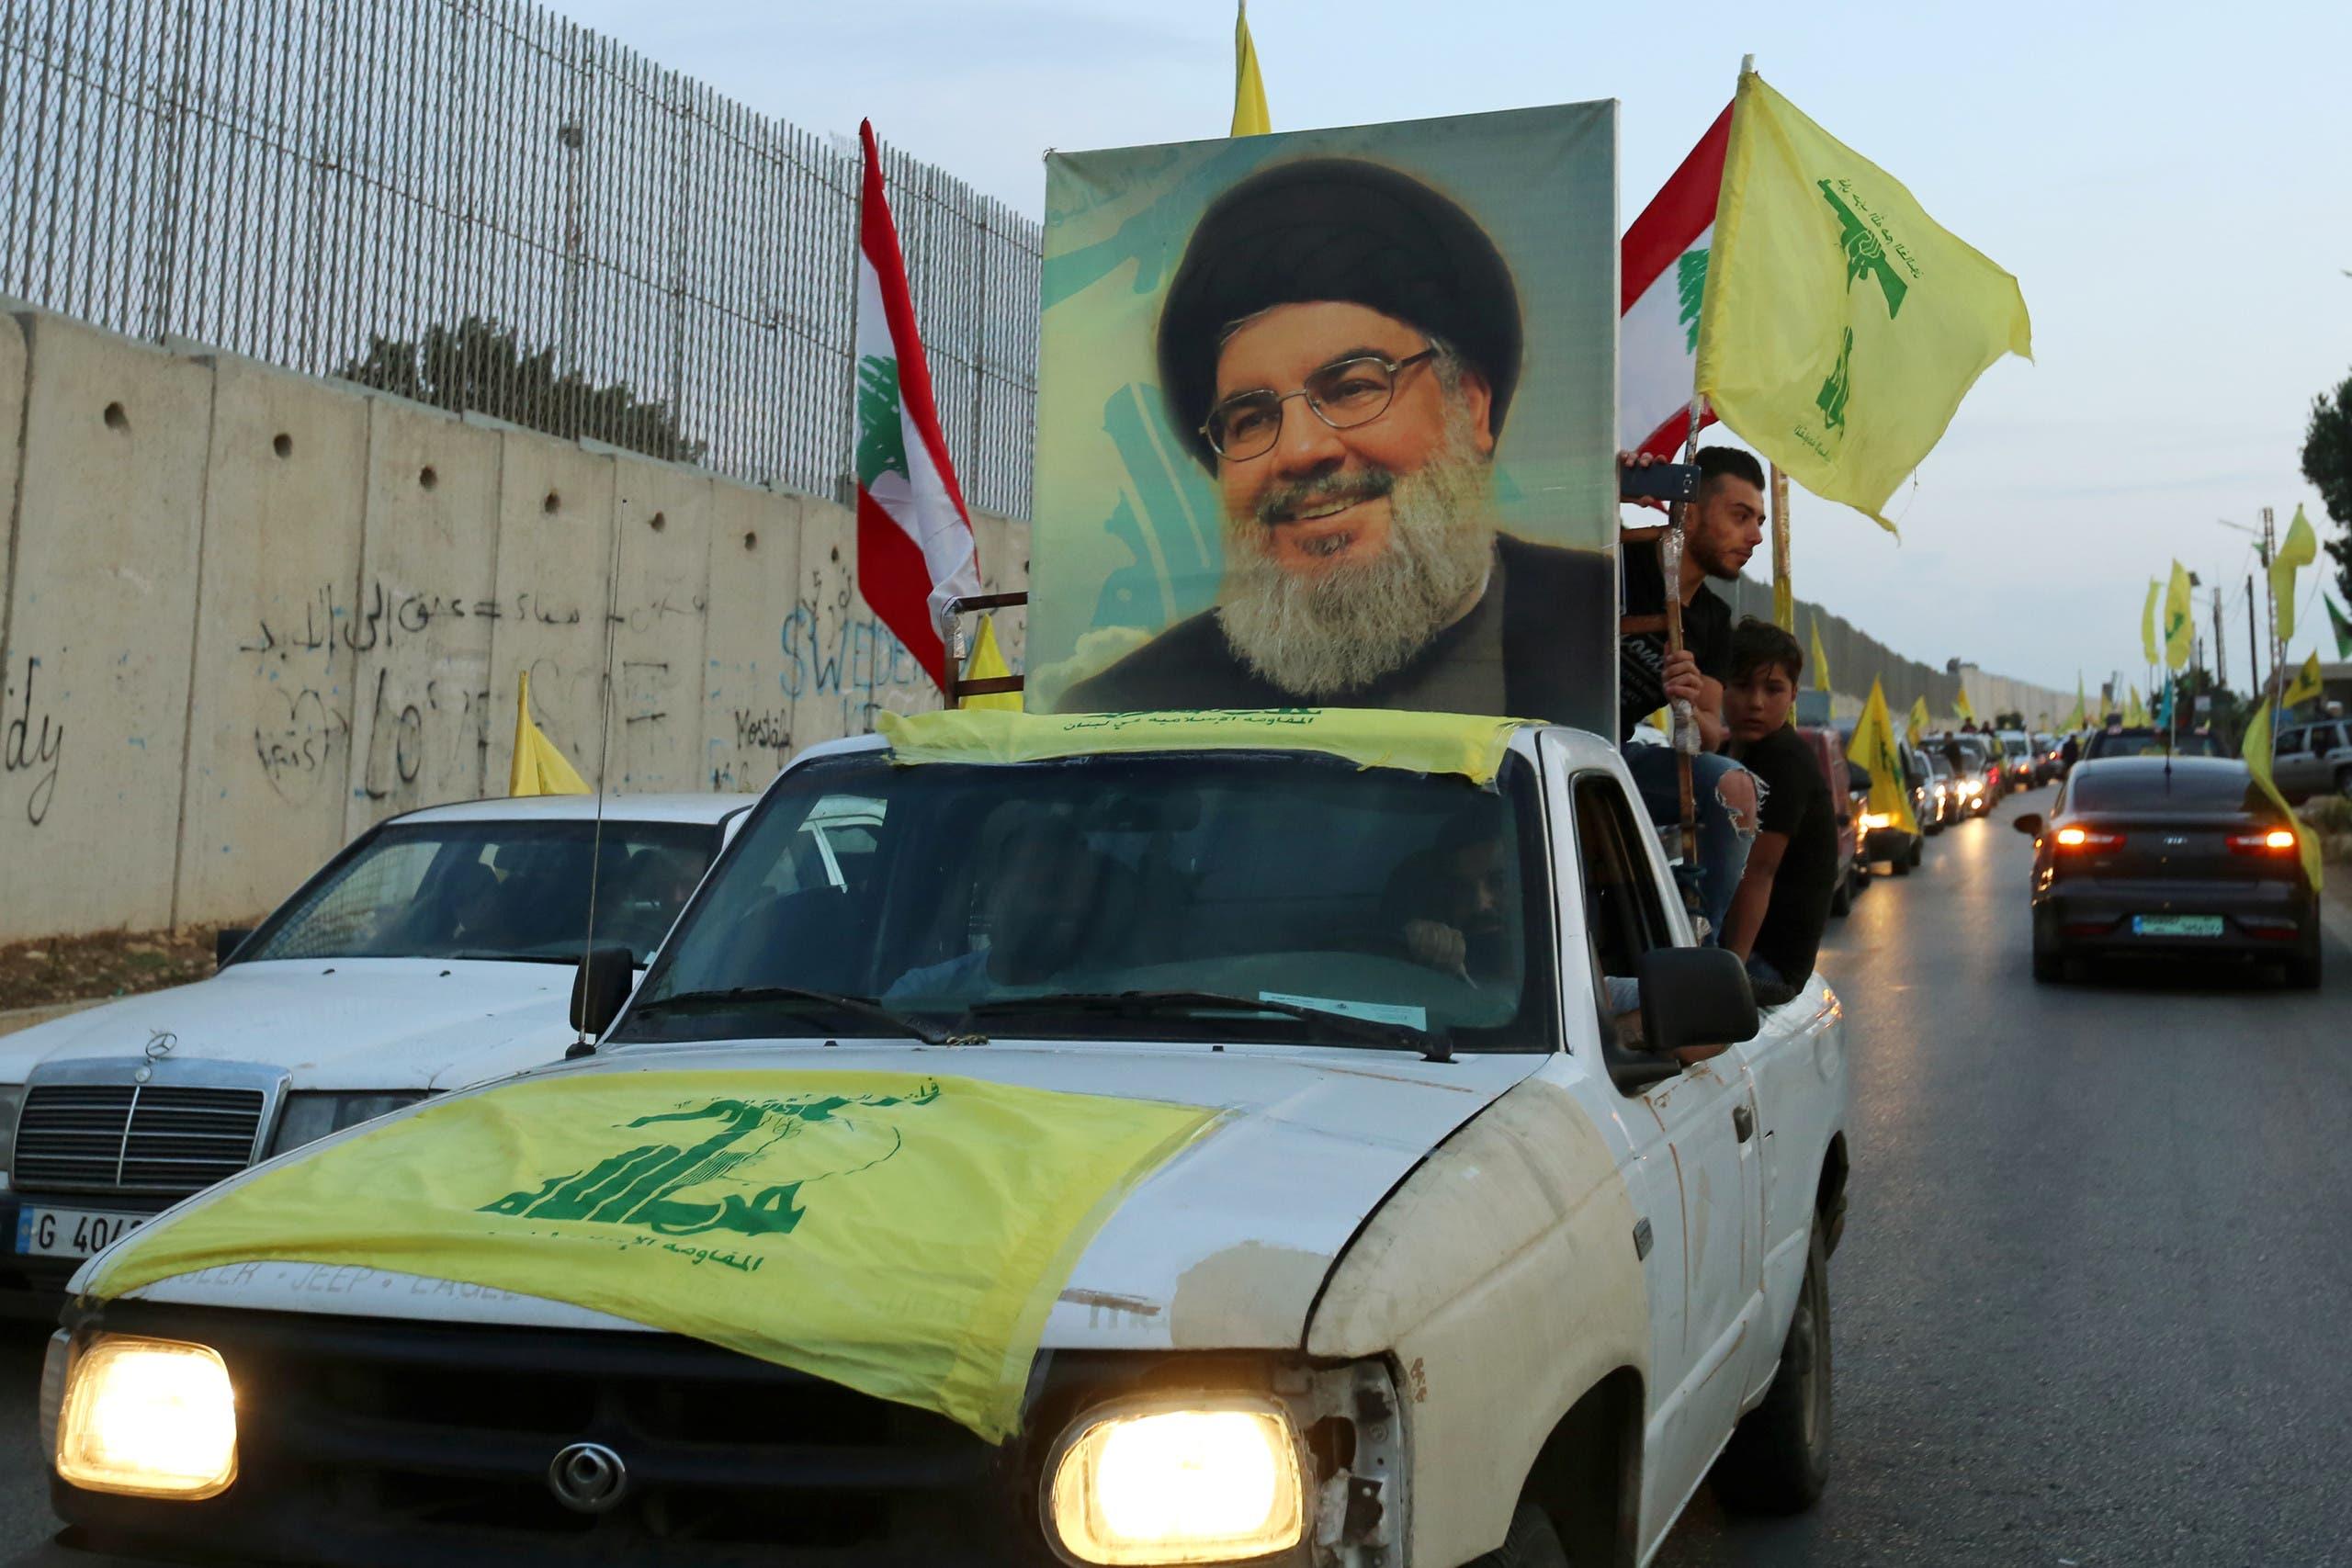 من مسيرات حزب الله في كفر كلا في الجنوب